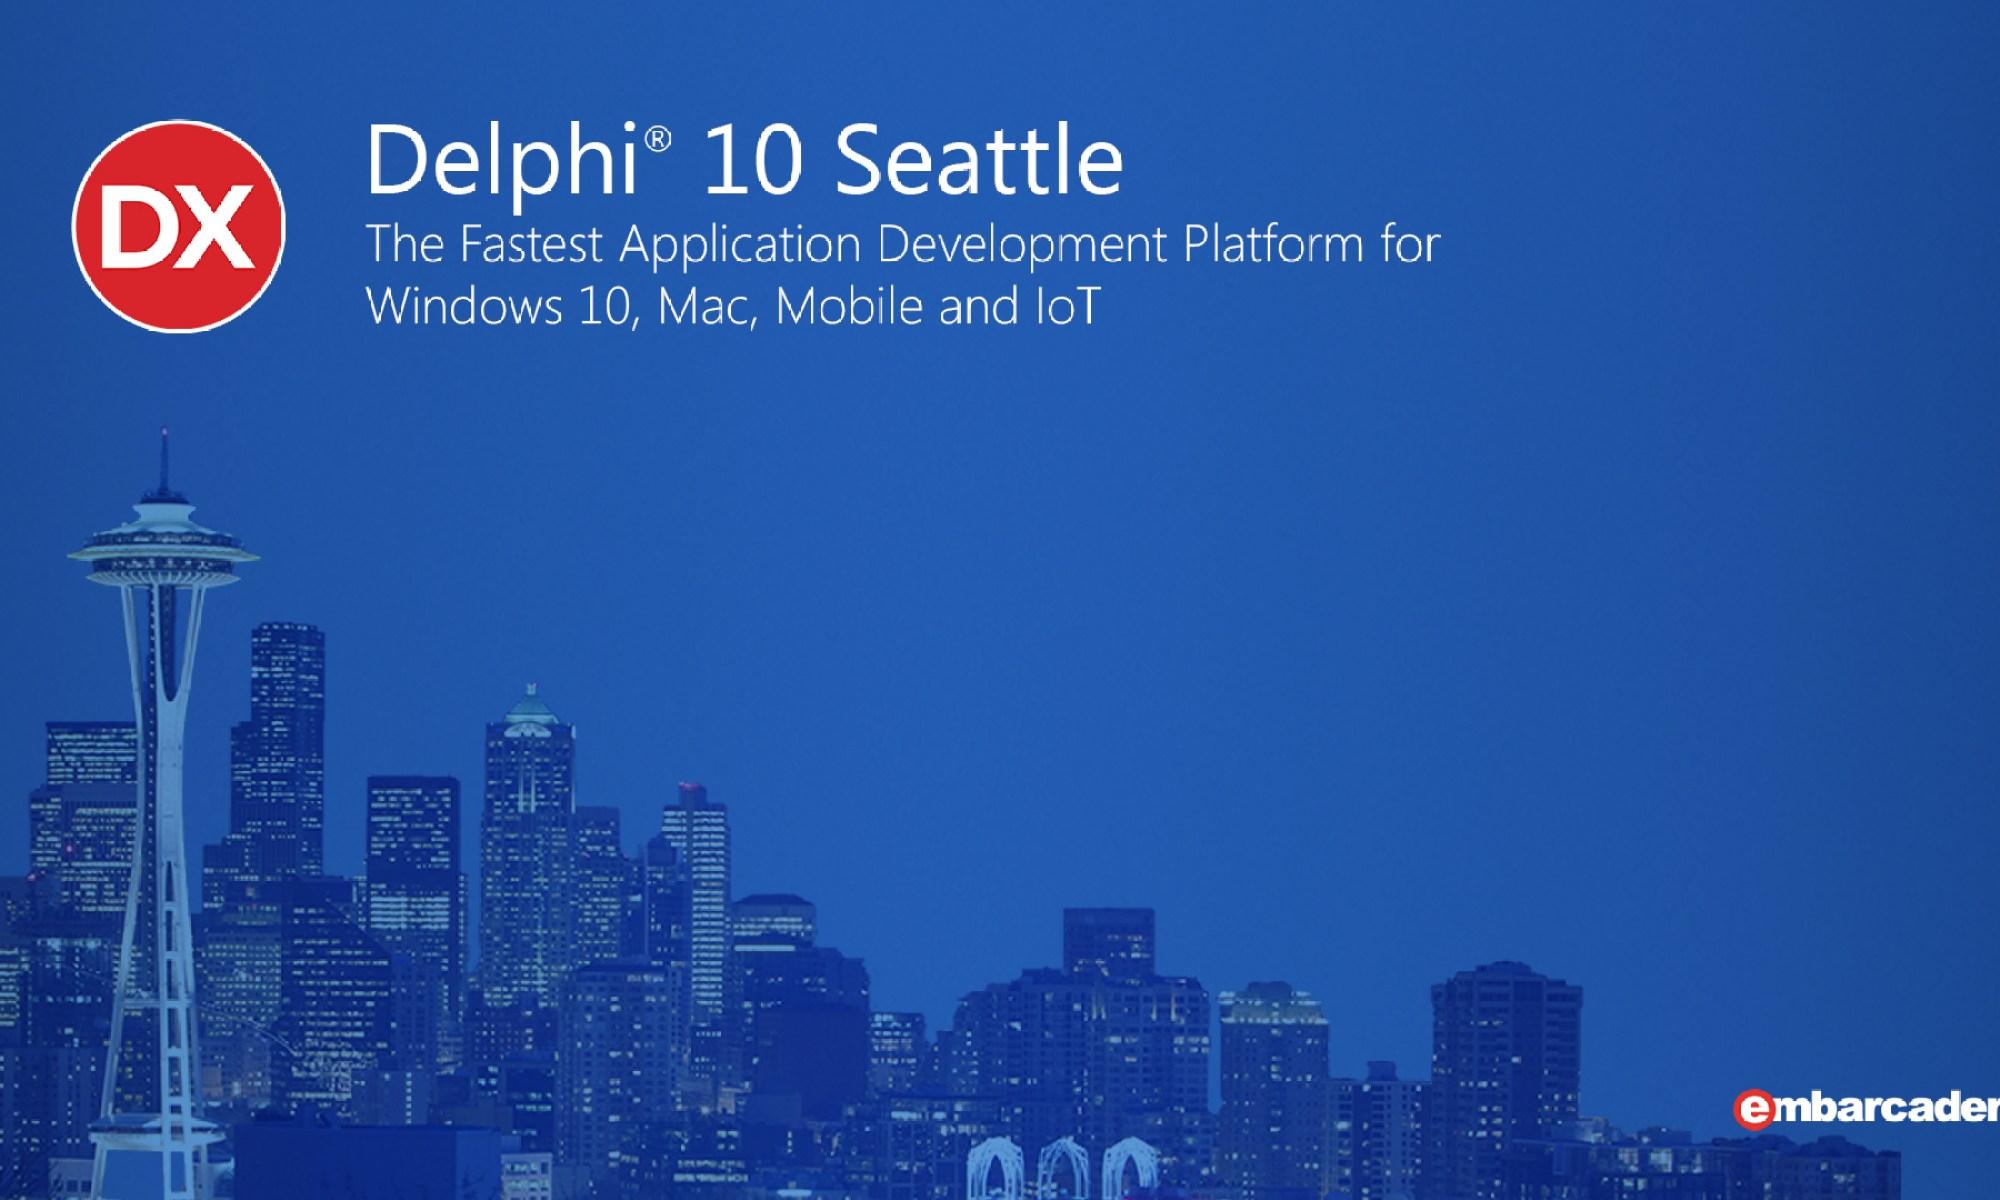 Delphi 10 Seattle